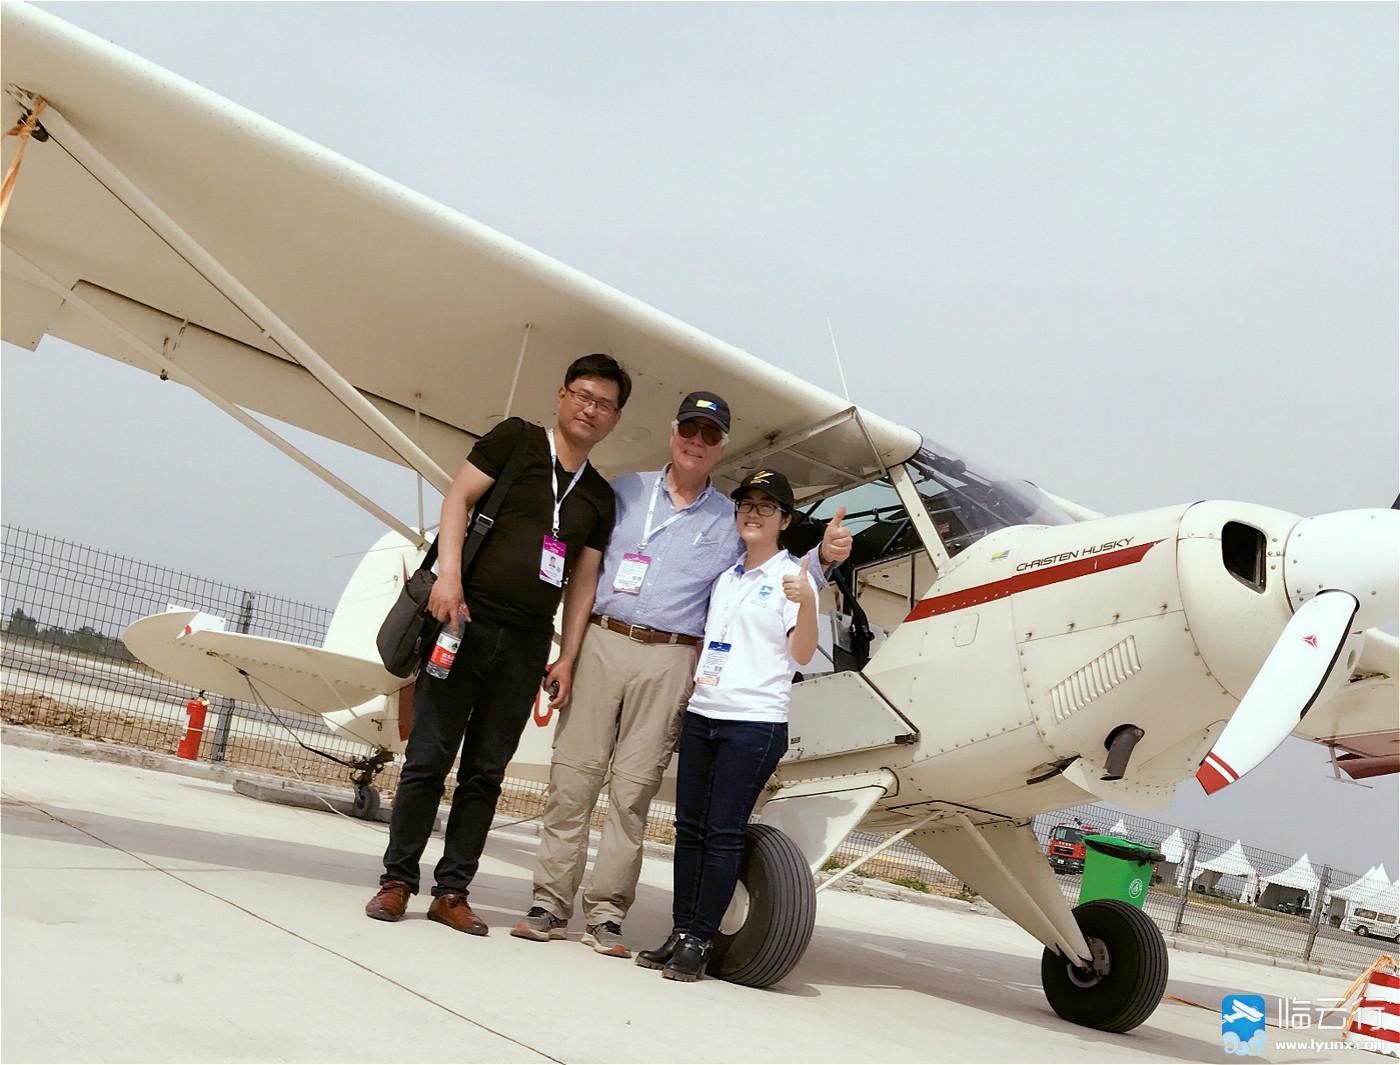 【活动获奖公布】2018郑州航展来了,我们又来送福利了!  我在航展 232835zqruq61q0a1u77ub 临云行 通用航空飞行员社区